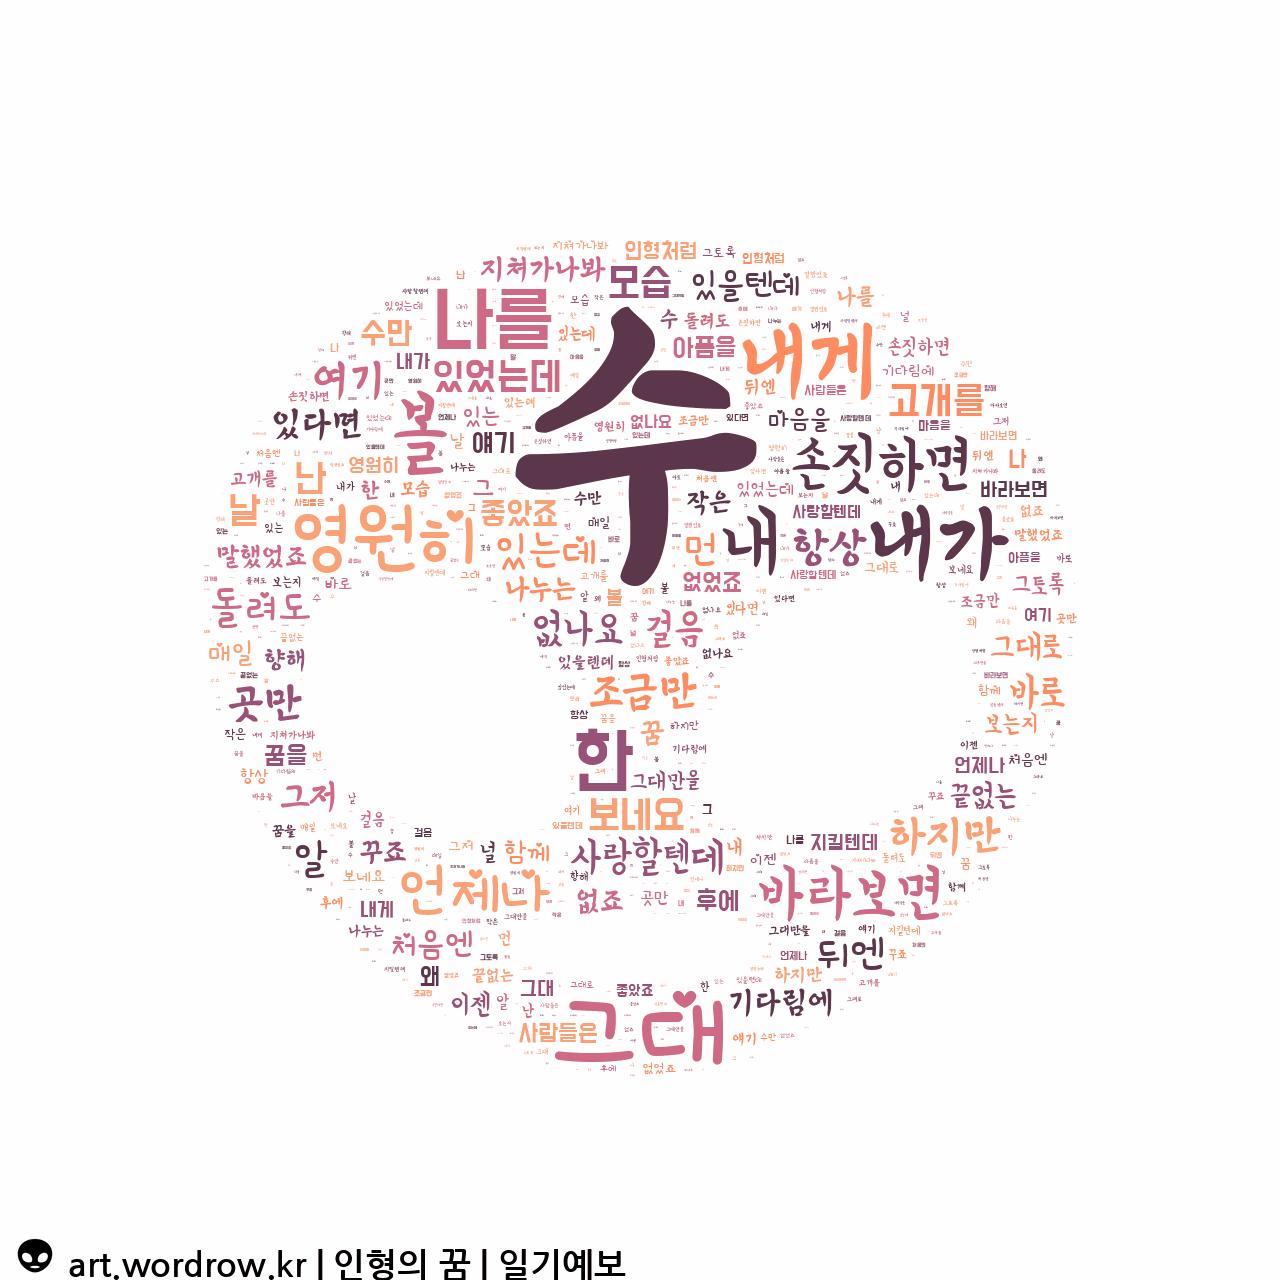 워드 아트: 인형의 꿈 [일기예보]-41